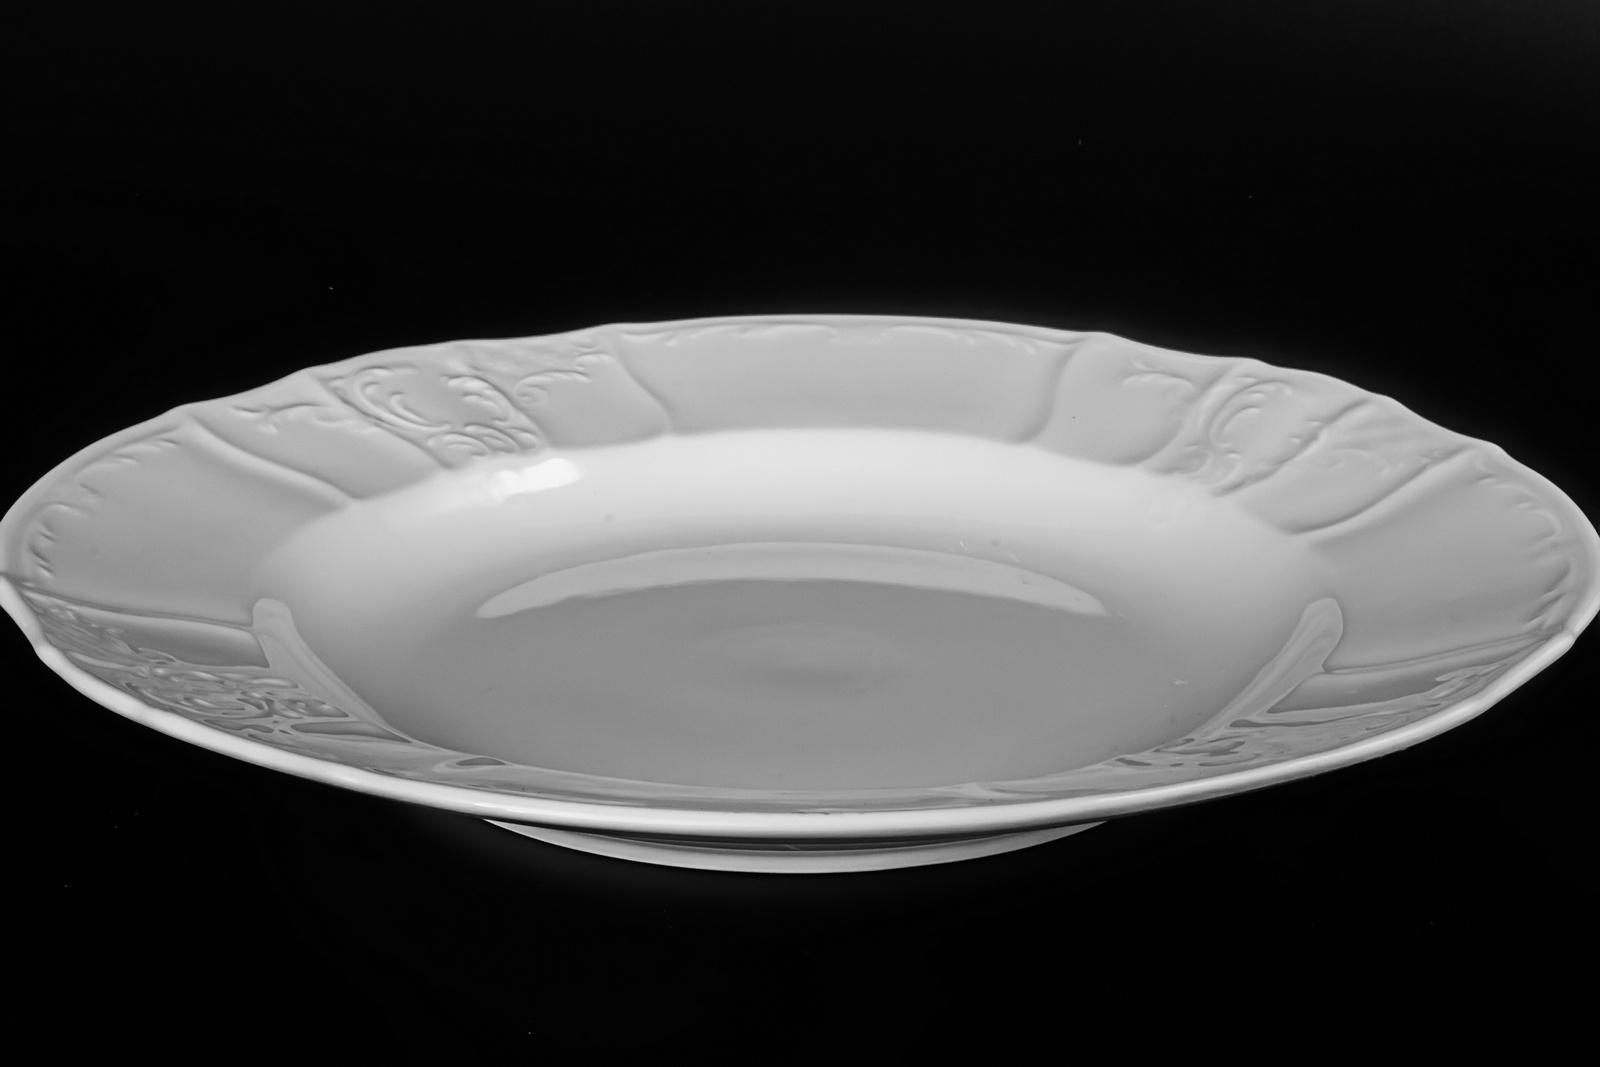 Блюдо круглое глубокое Бернадотт, 11142, 32 см